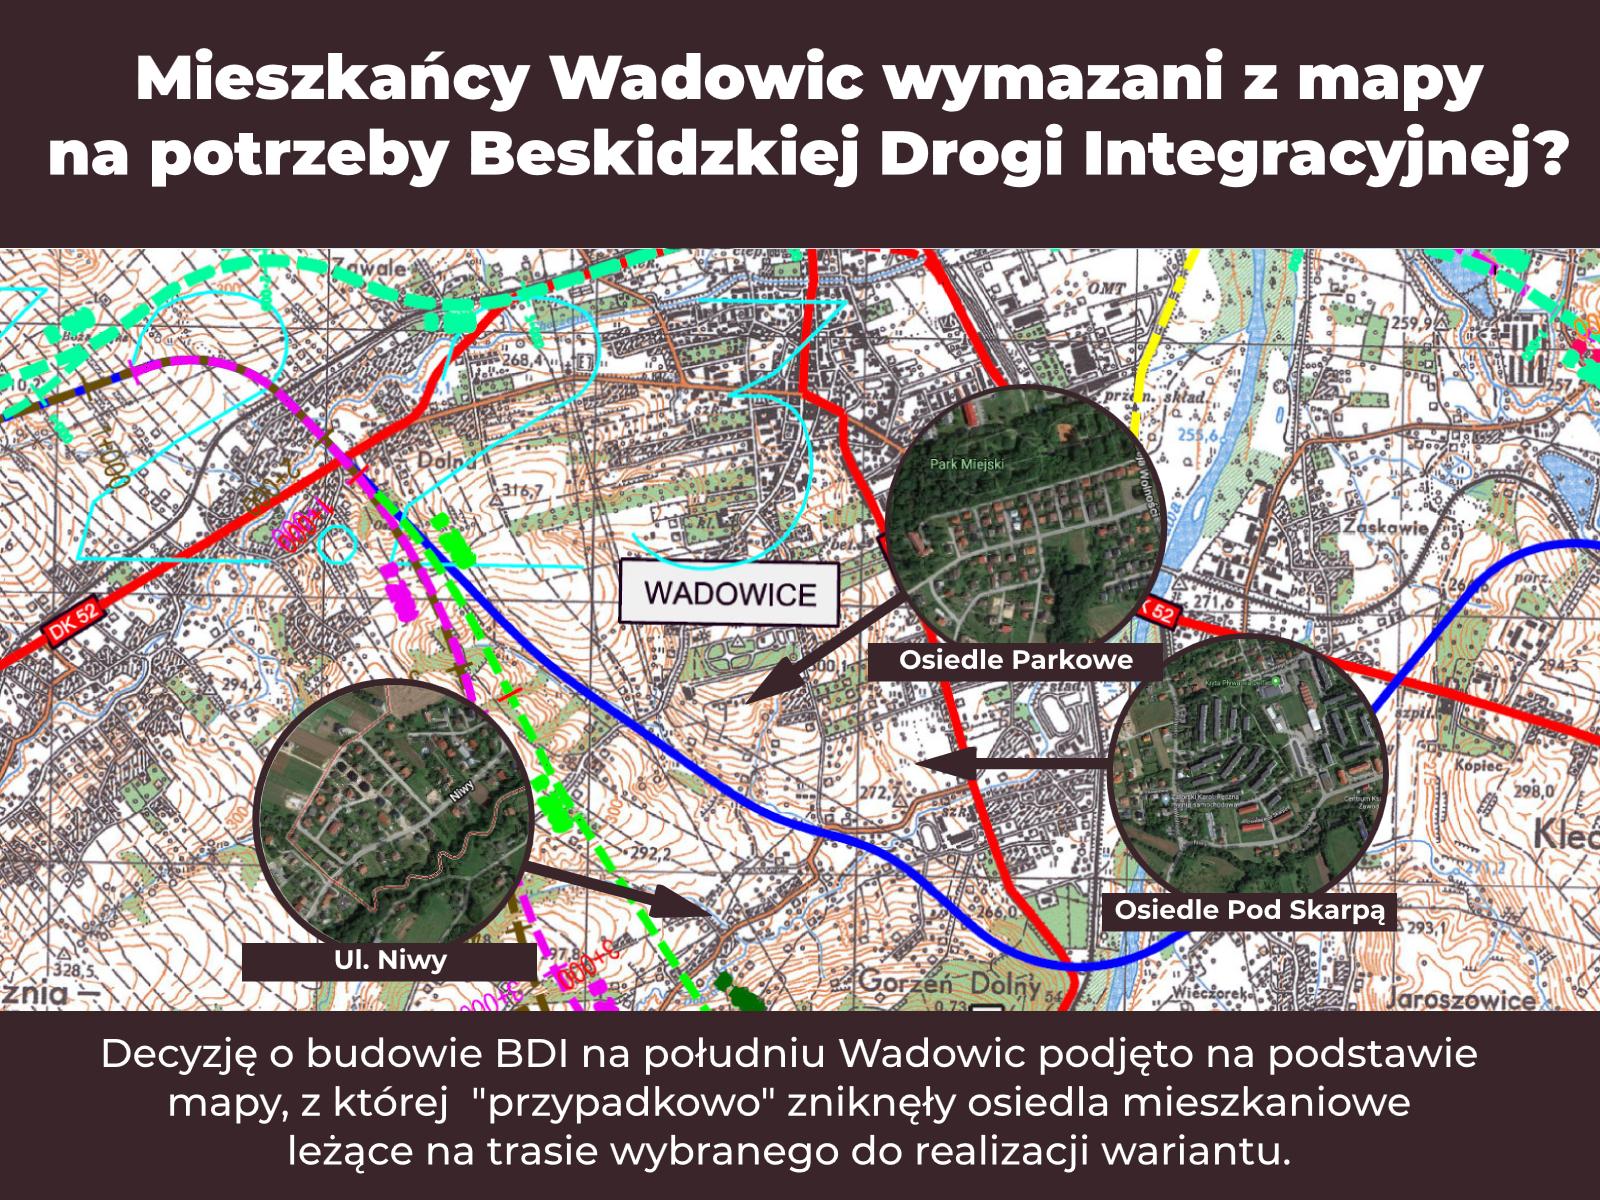 BDI MEM Mapa